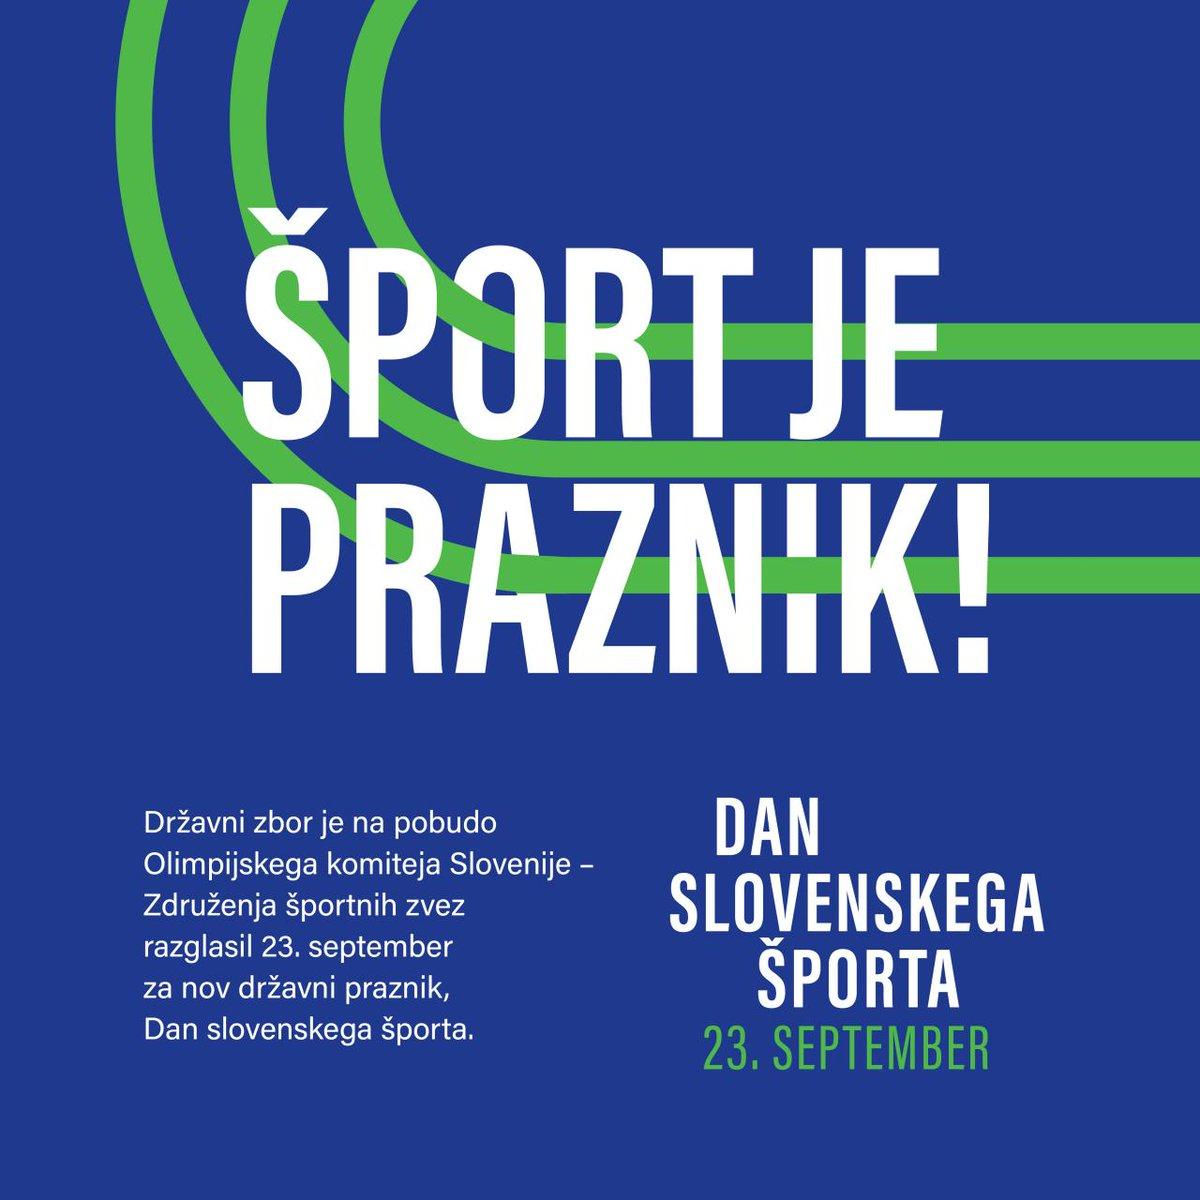 Danes prvič praznujemo #DanSlovenskegaŠporta 🇸🇮, ob katerem v #AMZS vabimo na trening s slovenskimi motošportniki in kartisti ter na spletno karting dirko na stezi #amzsVransko. 💪🙂 @TeamSlovenia Več info ➡️ https://t.co/x9Iwq49Wko https://t.co/5aqpHMVPjI